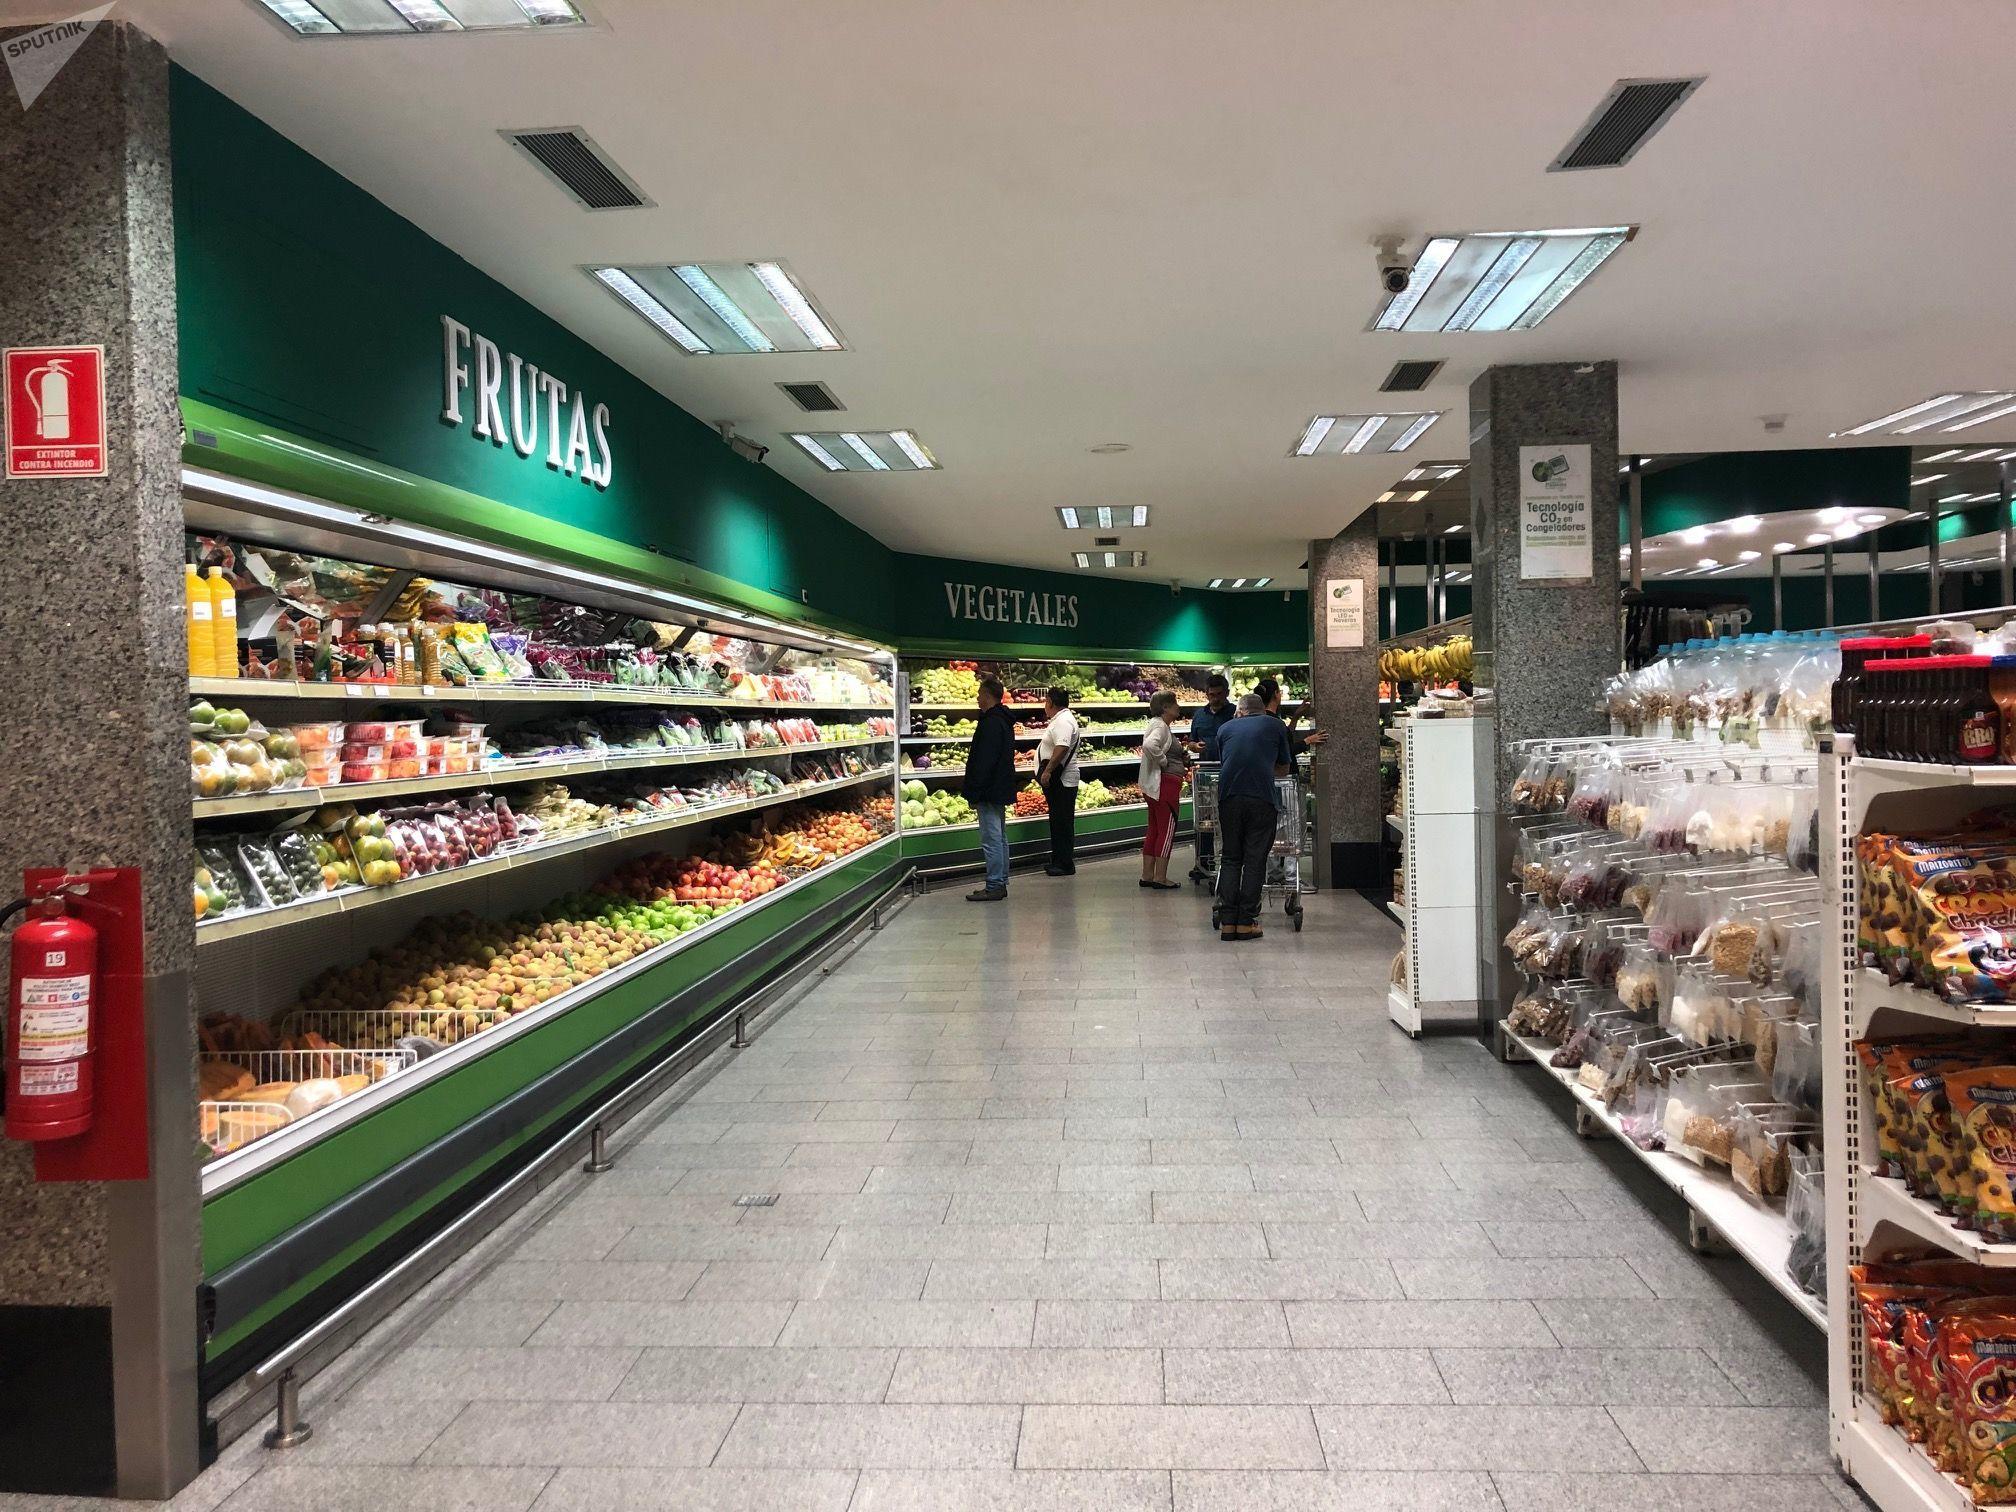 Un supermercado en Venezuela, país que obtiene el 98% de sus divisas de la exportación de petróleo, y de ellas depende para importar casi todo lo que consume